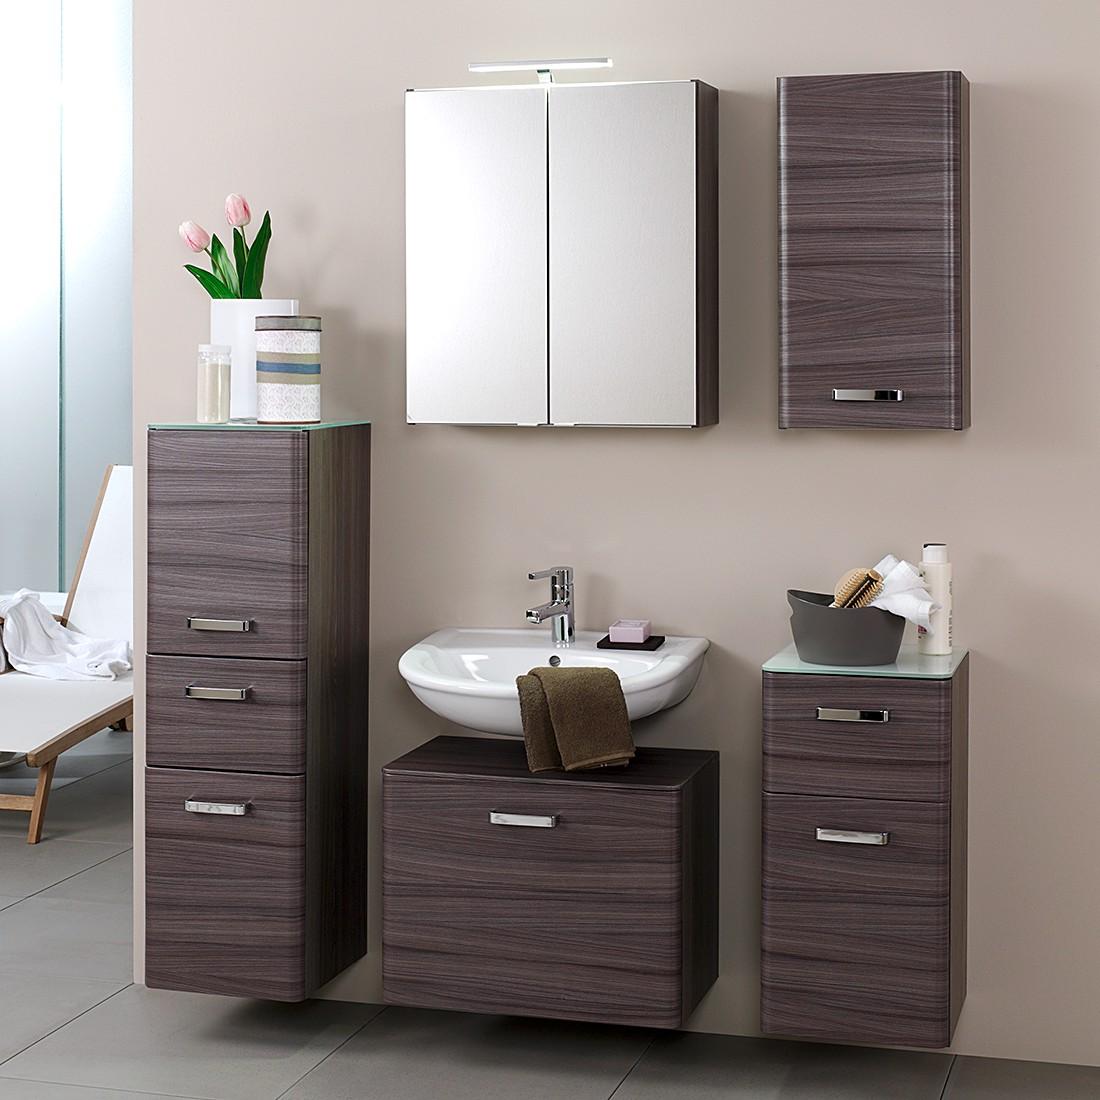 Bad unterschrank holz hängend  Waschbeckenunterschrank Holz Schubladen: Waschbeckenunterschränke ...